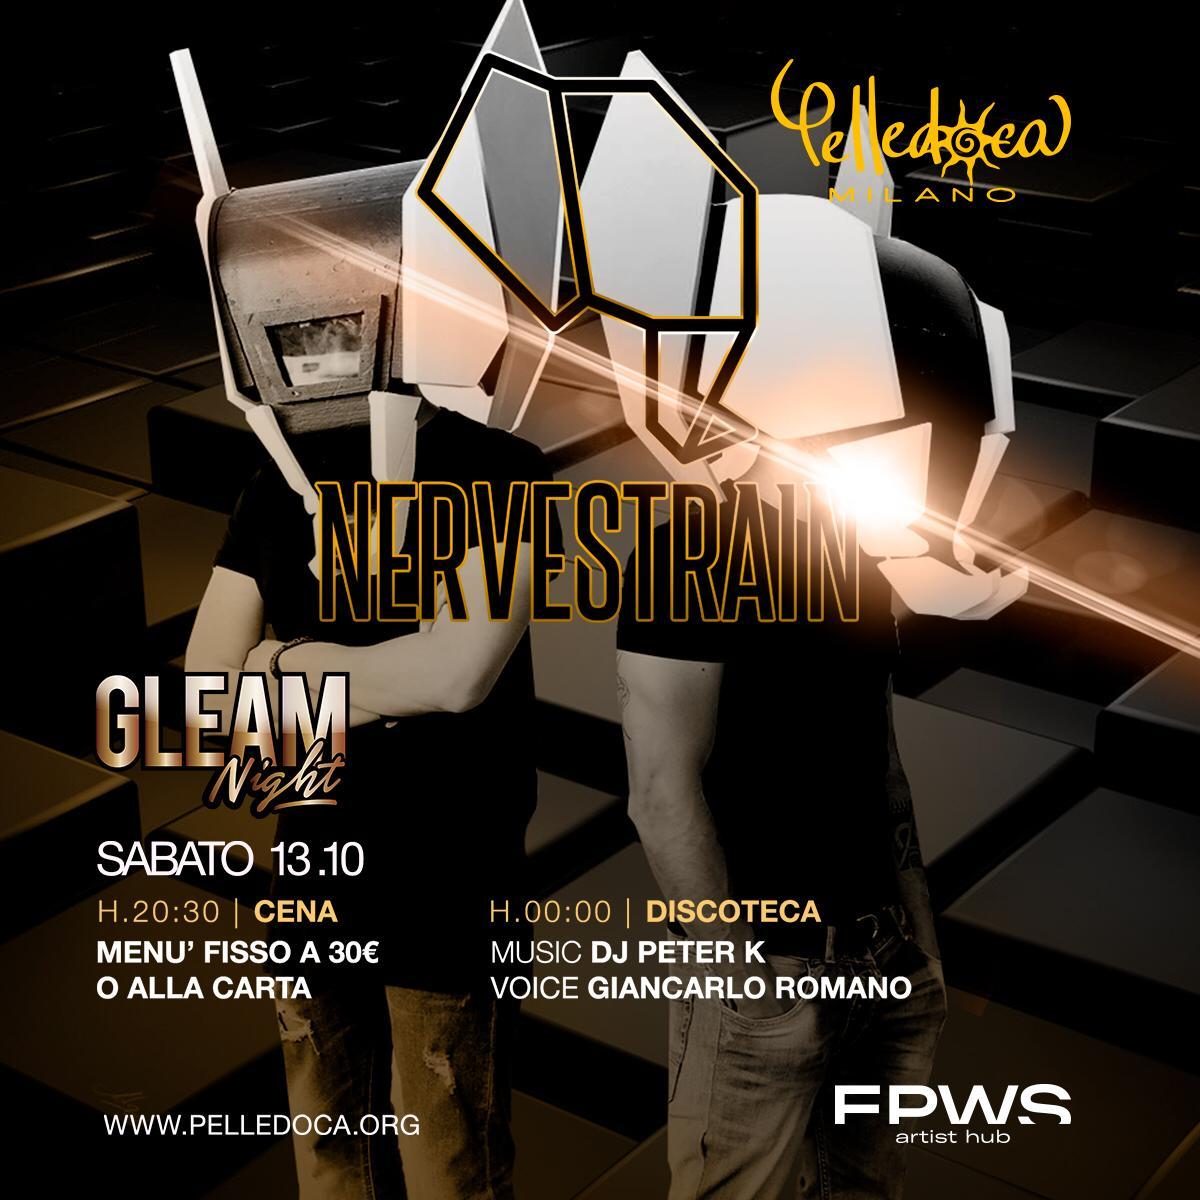 Il13 ottobre i Nervestrain per la Gleam Night del Pelledoca di Milano